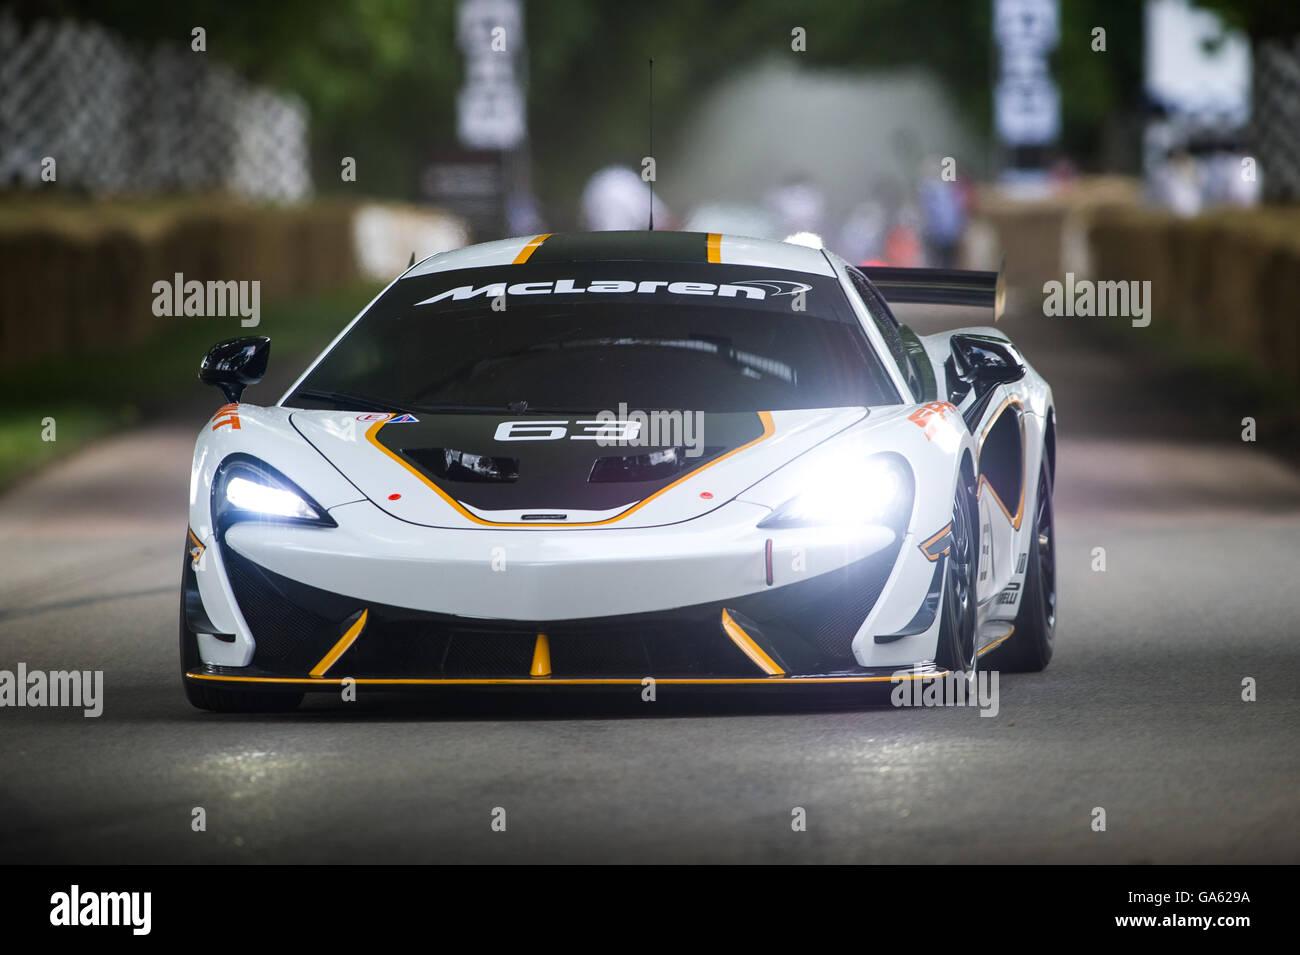 Una McLaren 570S Sprint rigidi fino alla collina durante la super car girare al Festival di Goodwood di velocità Immagini Stock